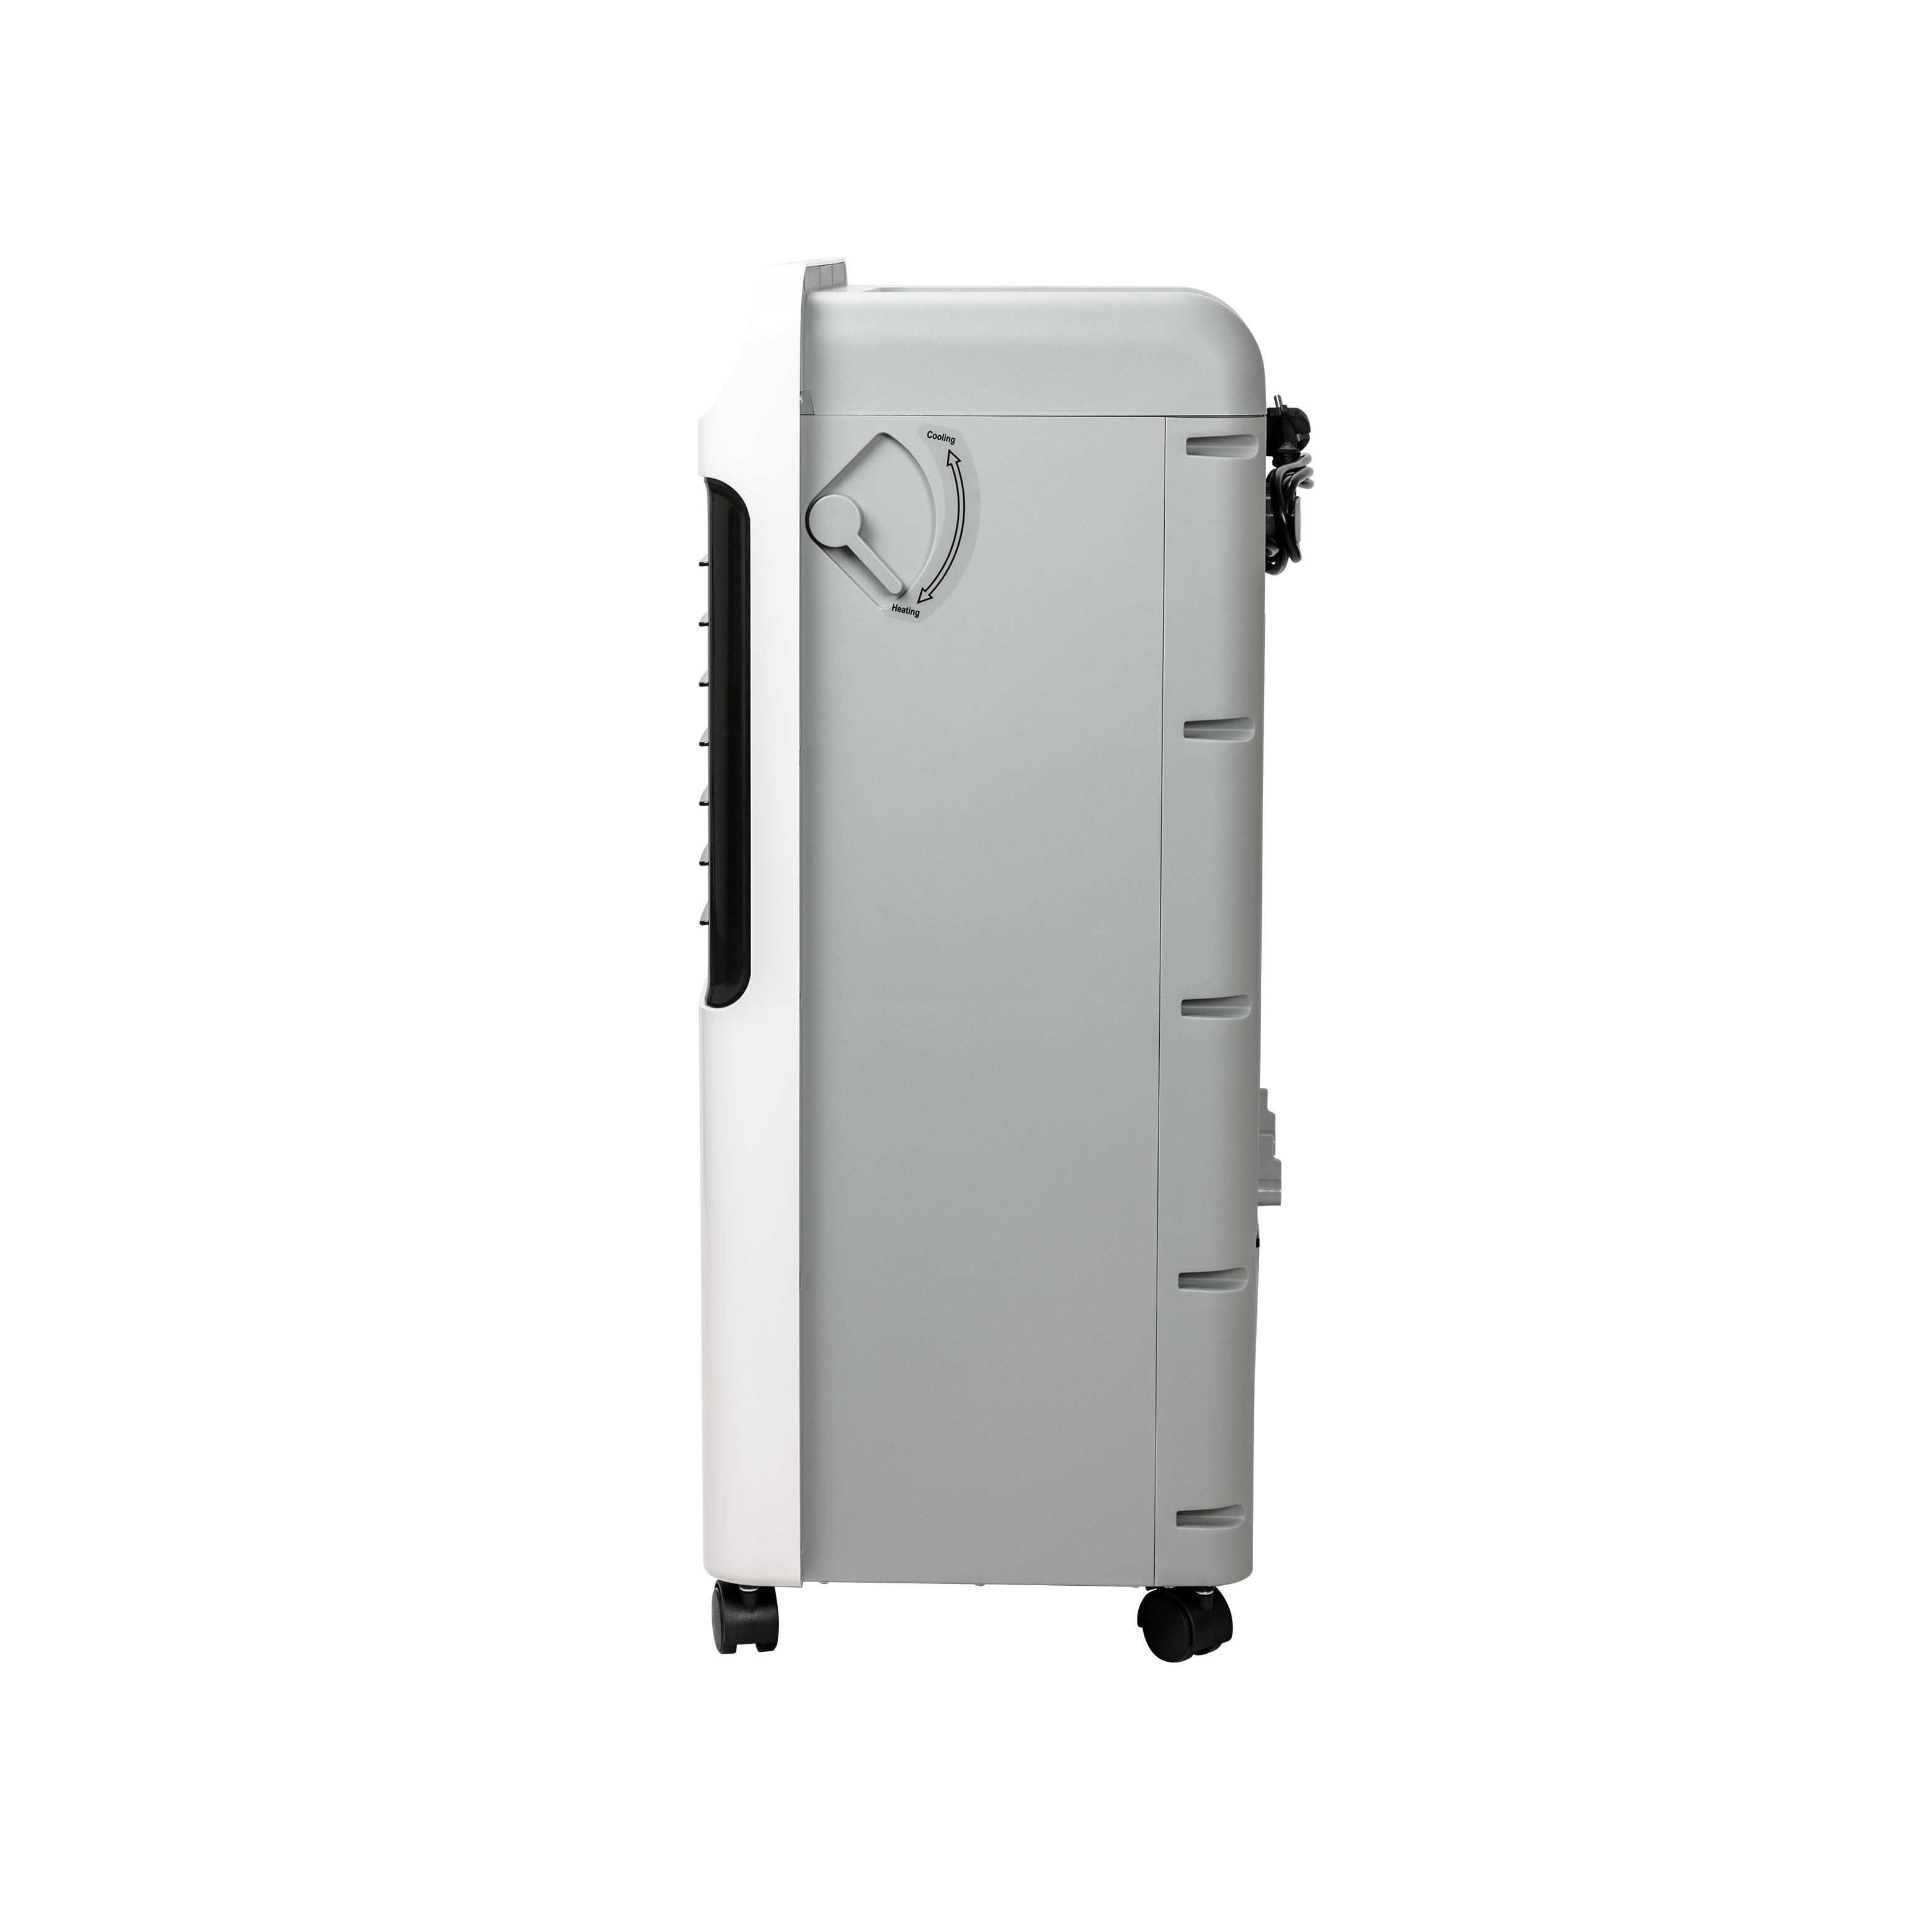 Horus Climatizzatore Portatile 2000 Watt Raffrescatore Aria Calda Fredda Wintem 5